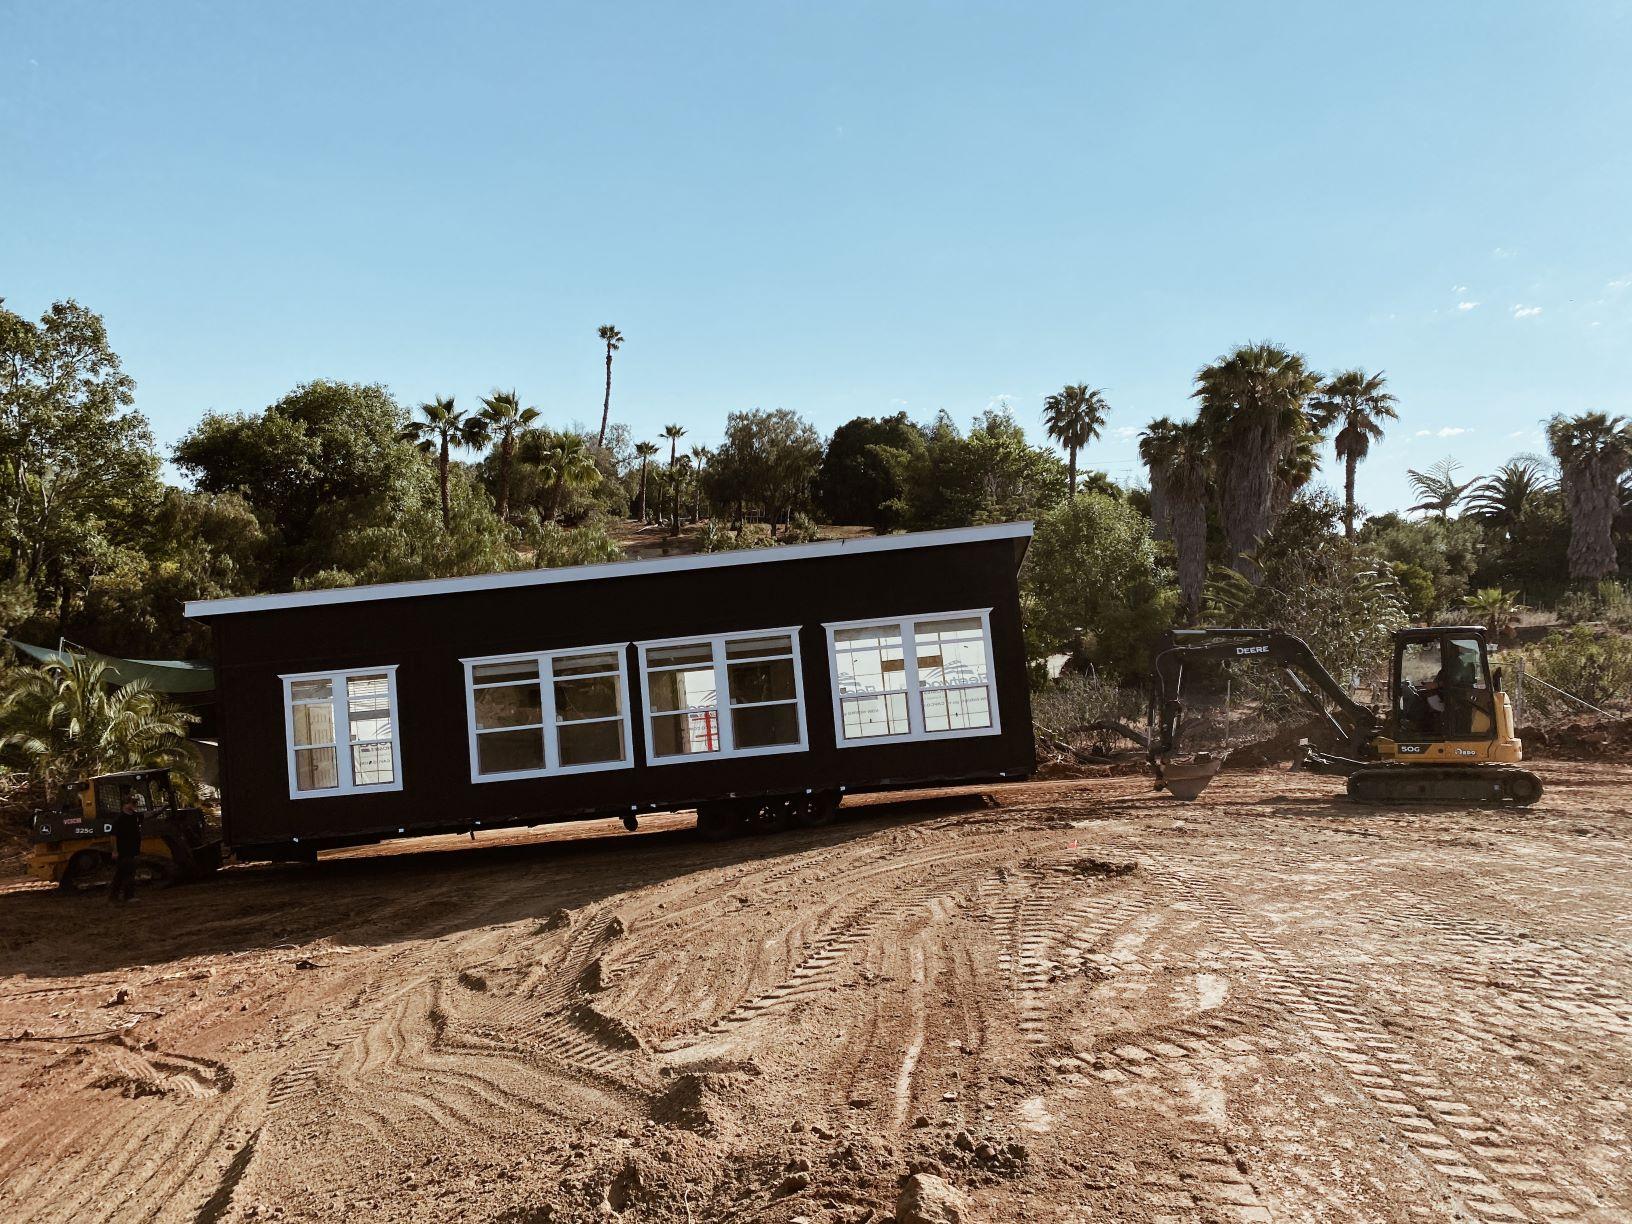 Shed Roof ADU In Vista, CA